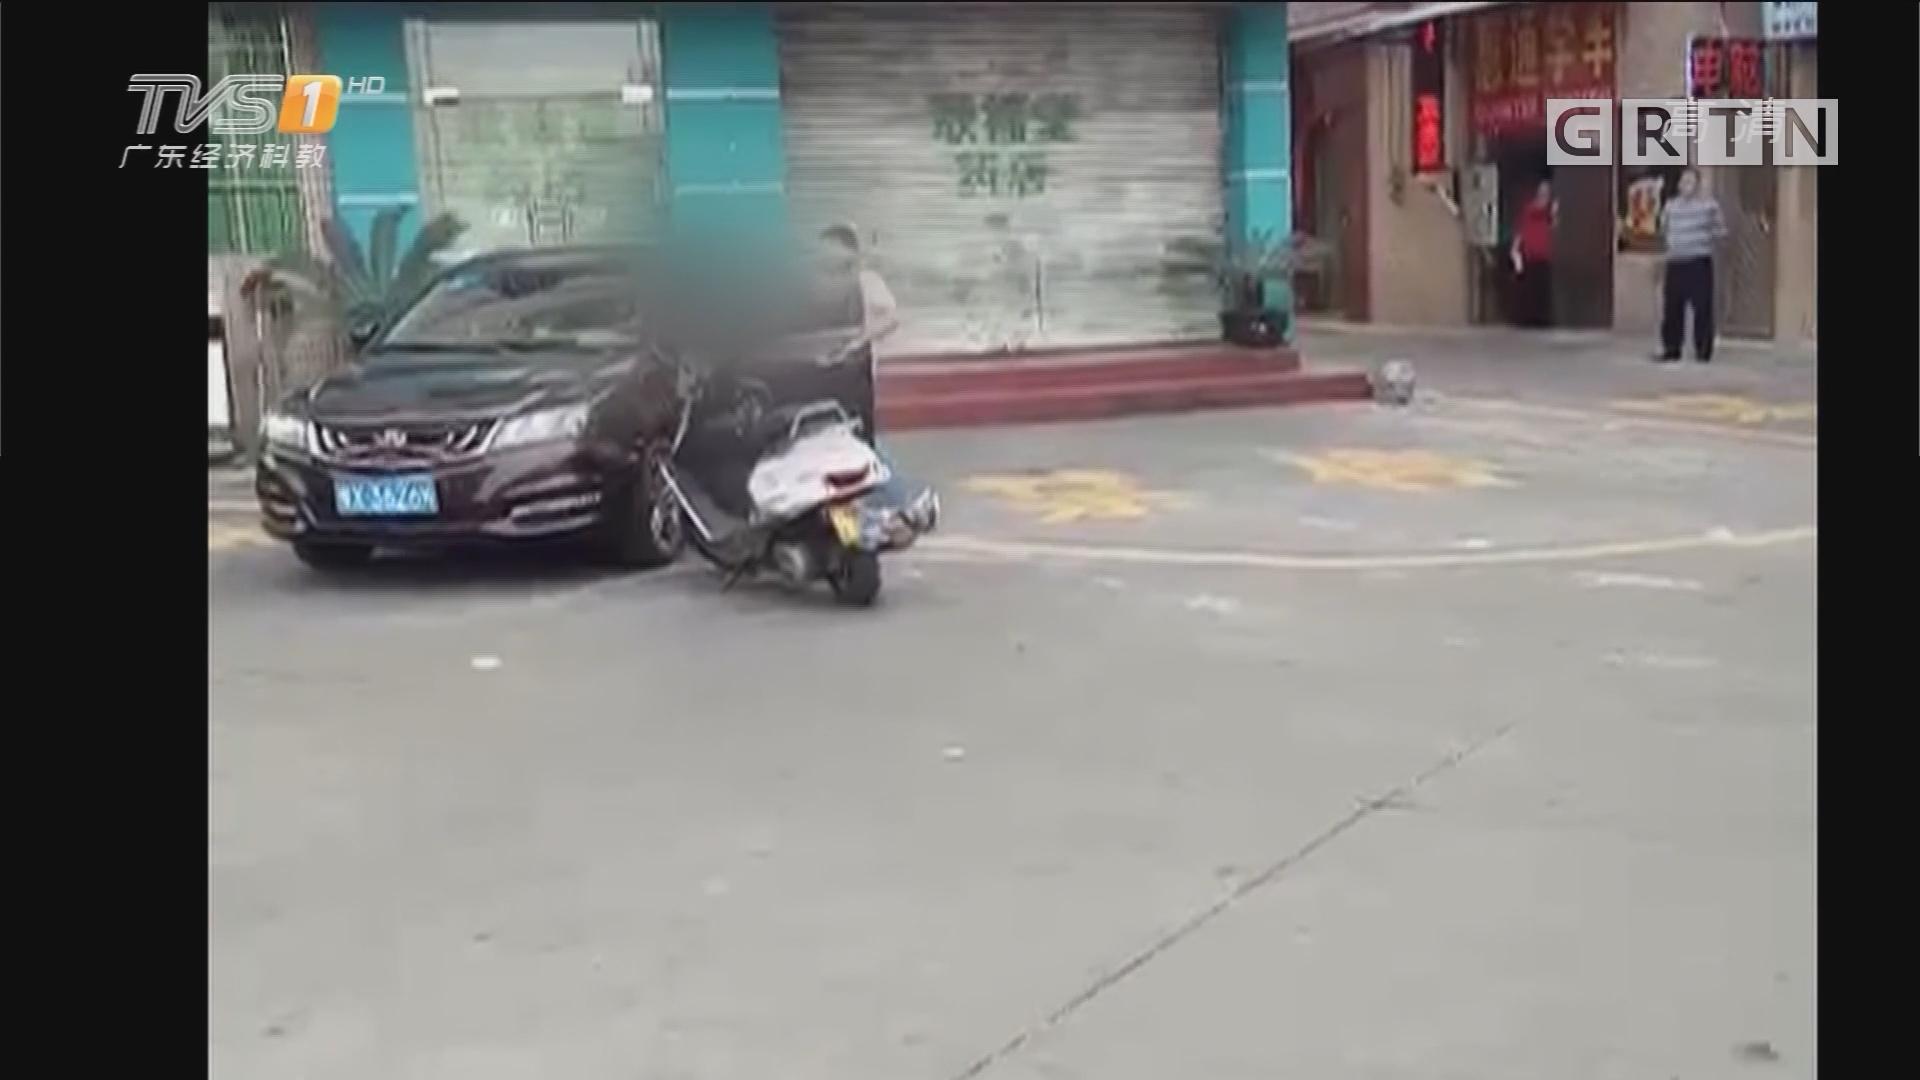 顺德:警方快速出击 抓获持刀伤人凶手